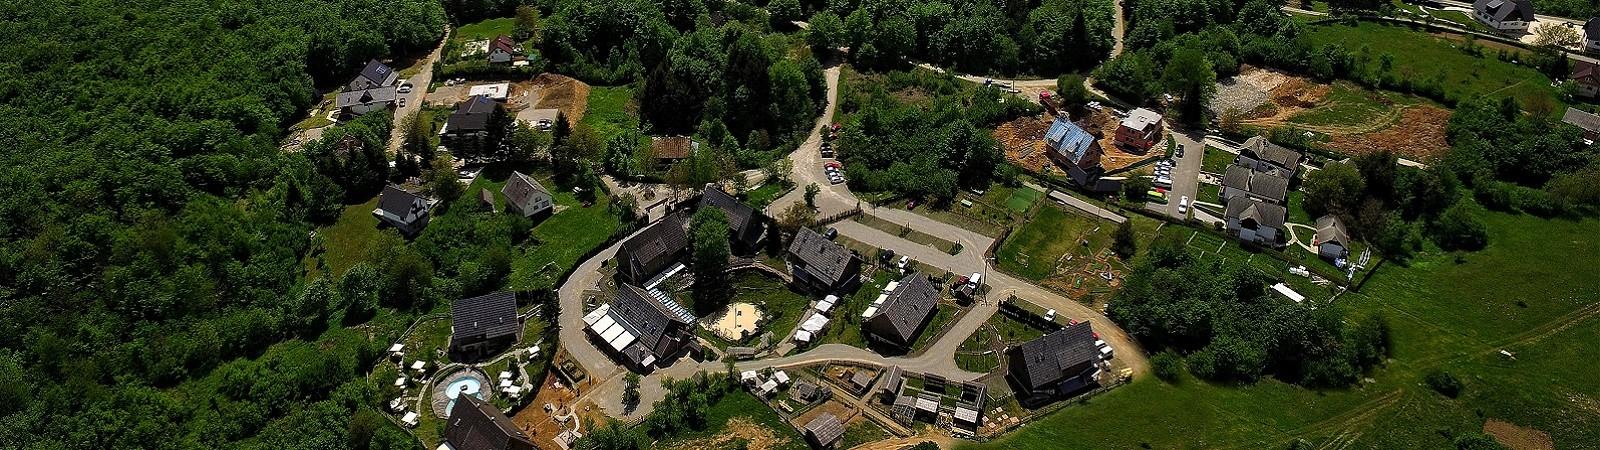 ETHNO HOUSES PLITVICE - Plitvice